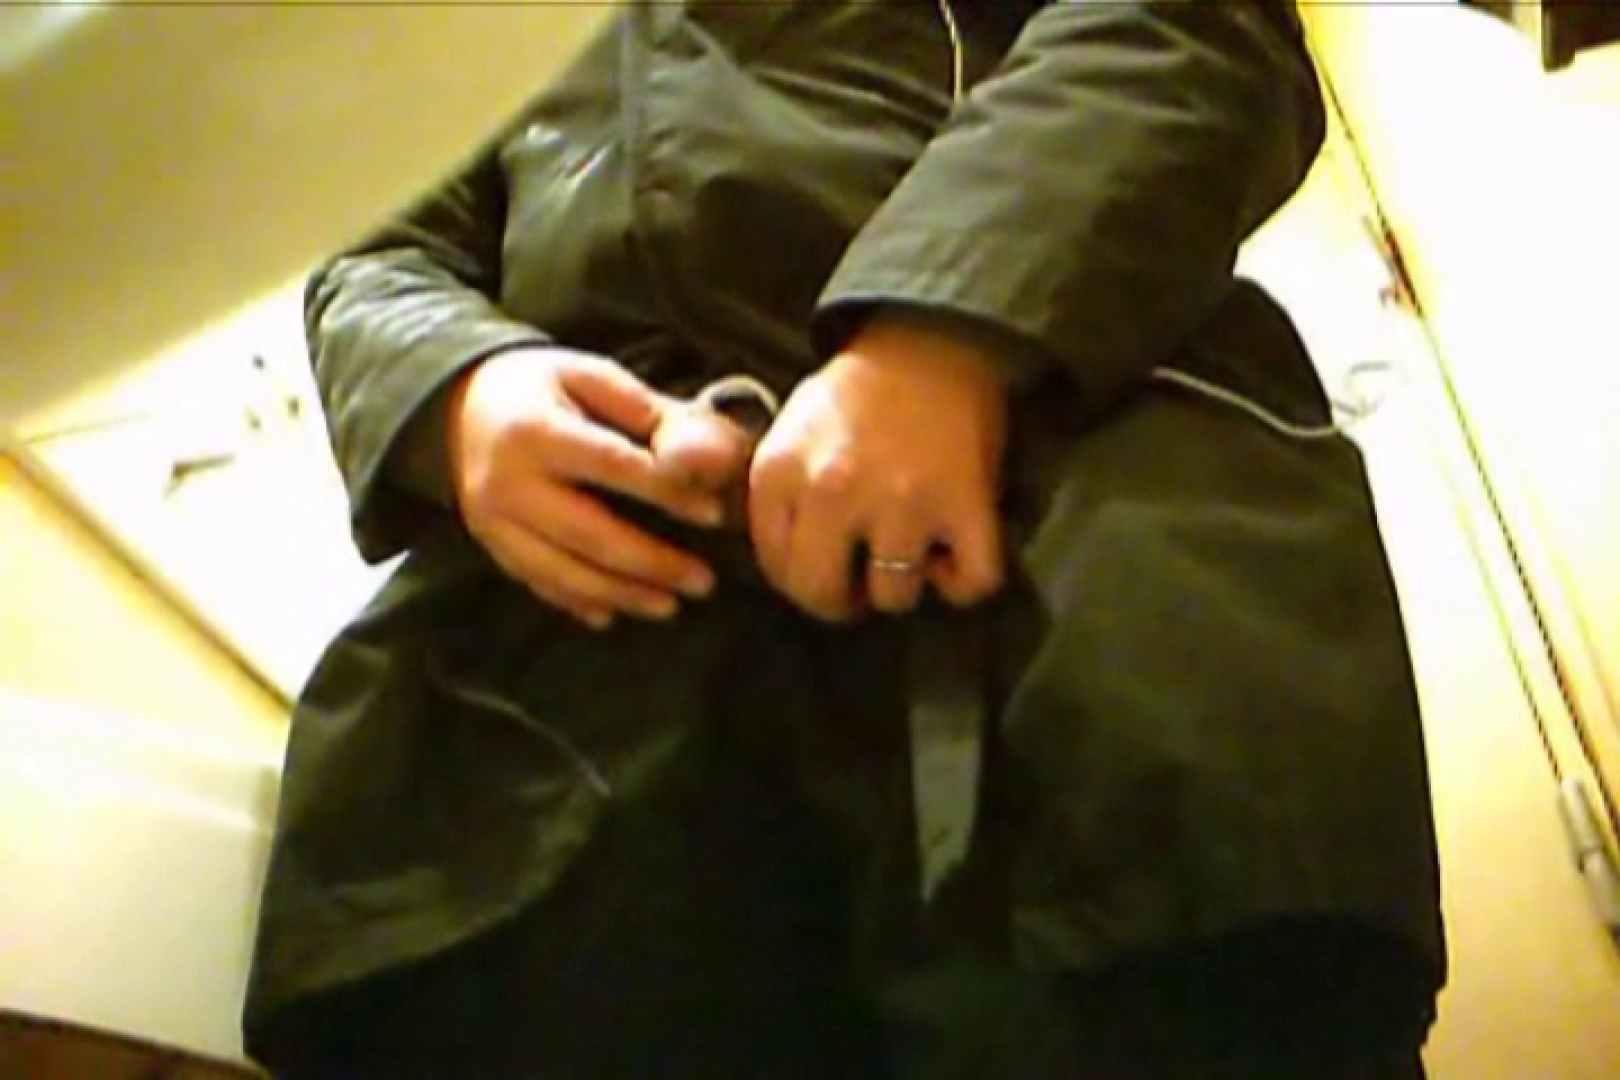 Gボーイ初投稿!掴み取りさんの洗面所覗き!in新幹線!VOL.15 投稿 | おやじ熊系ボーイズ  102pic 59